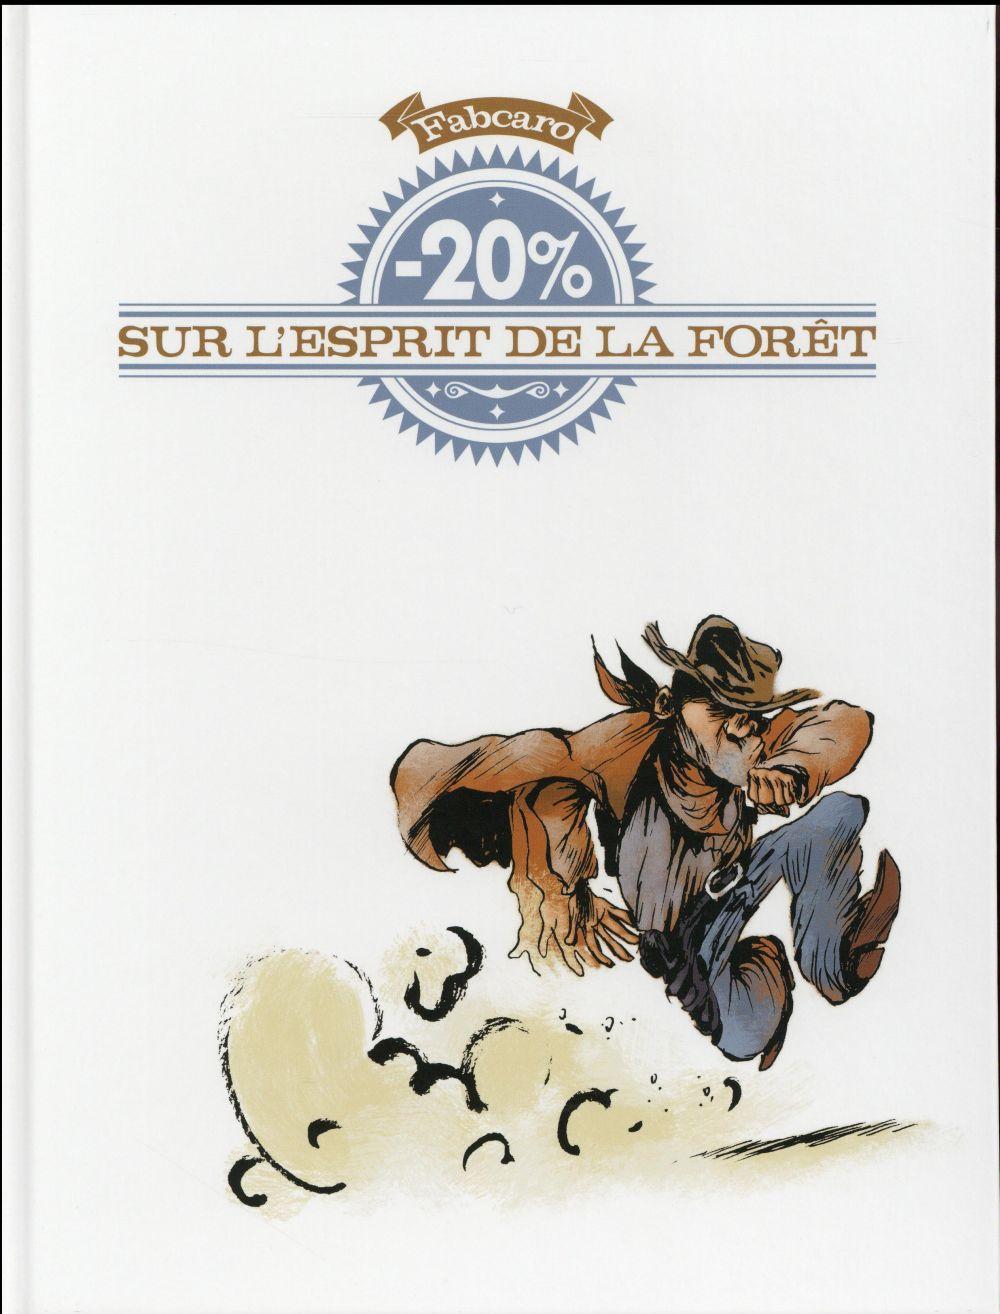 -20% SUR L'ESPRIT DE LA FORET NE